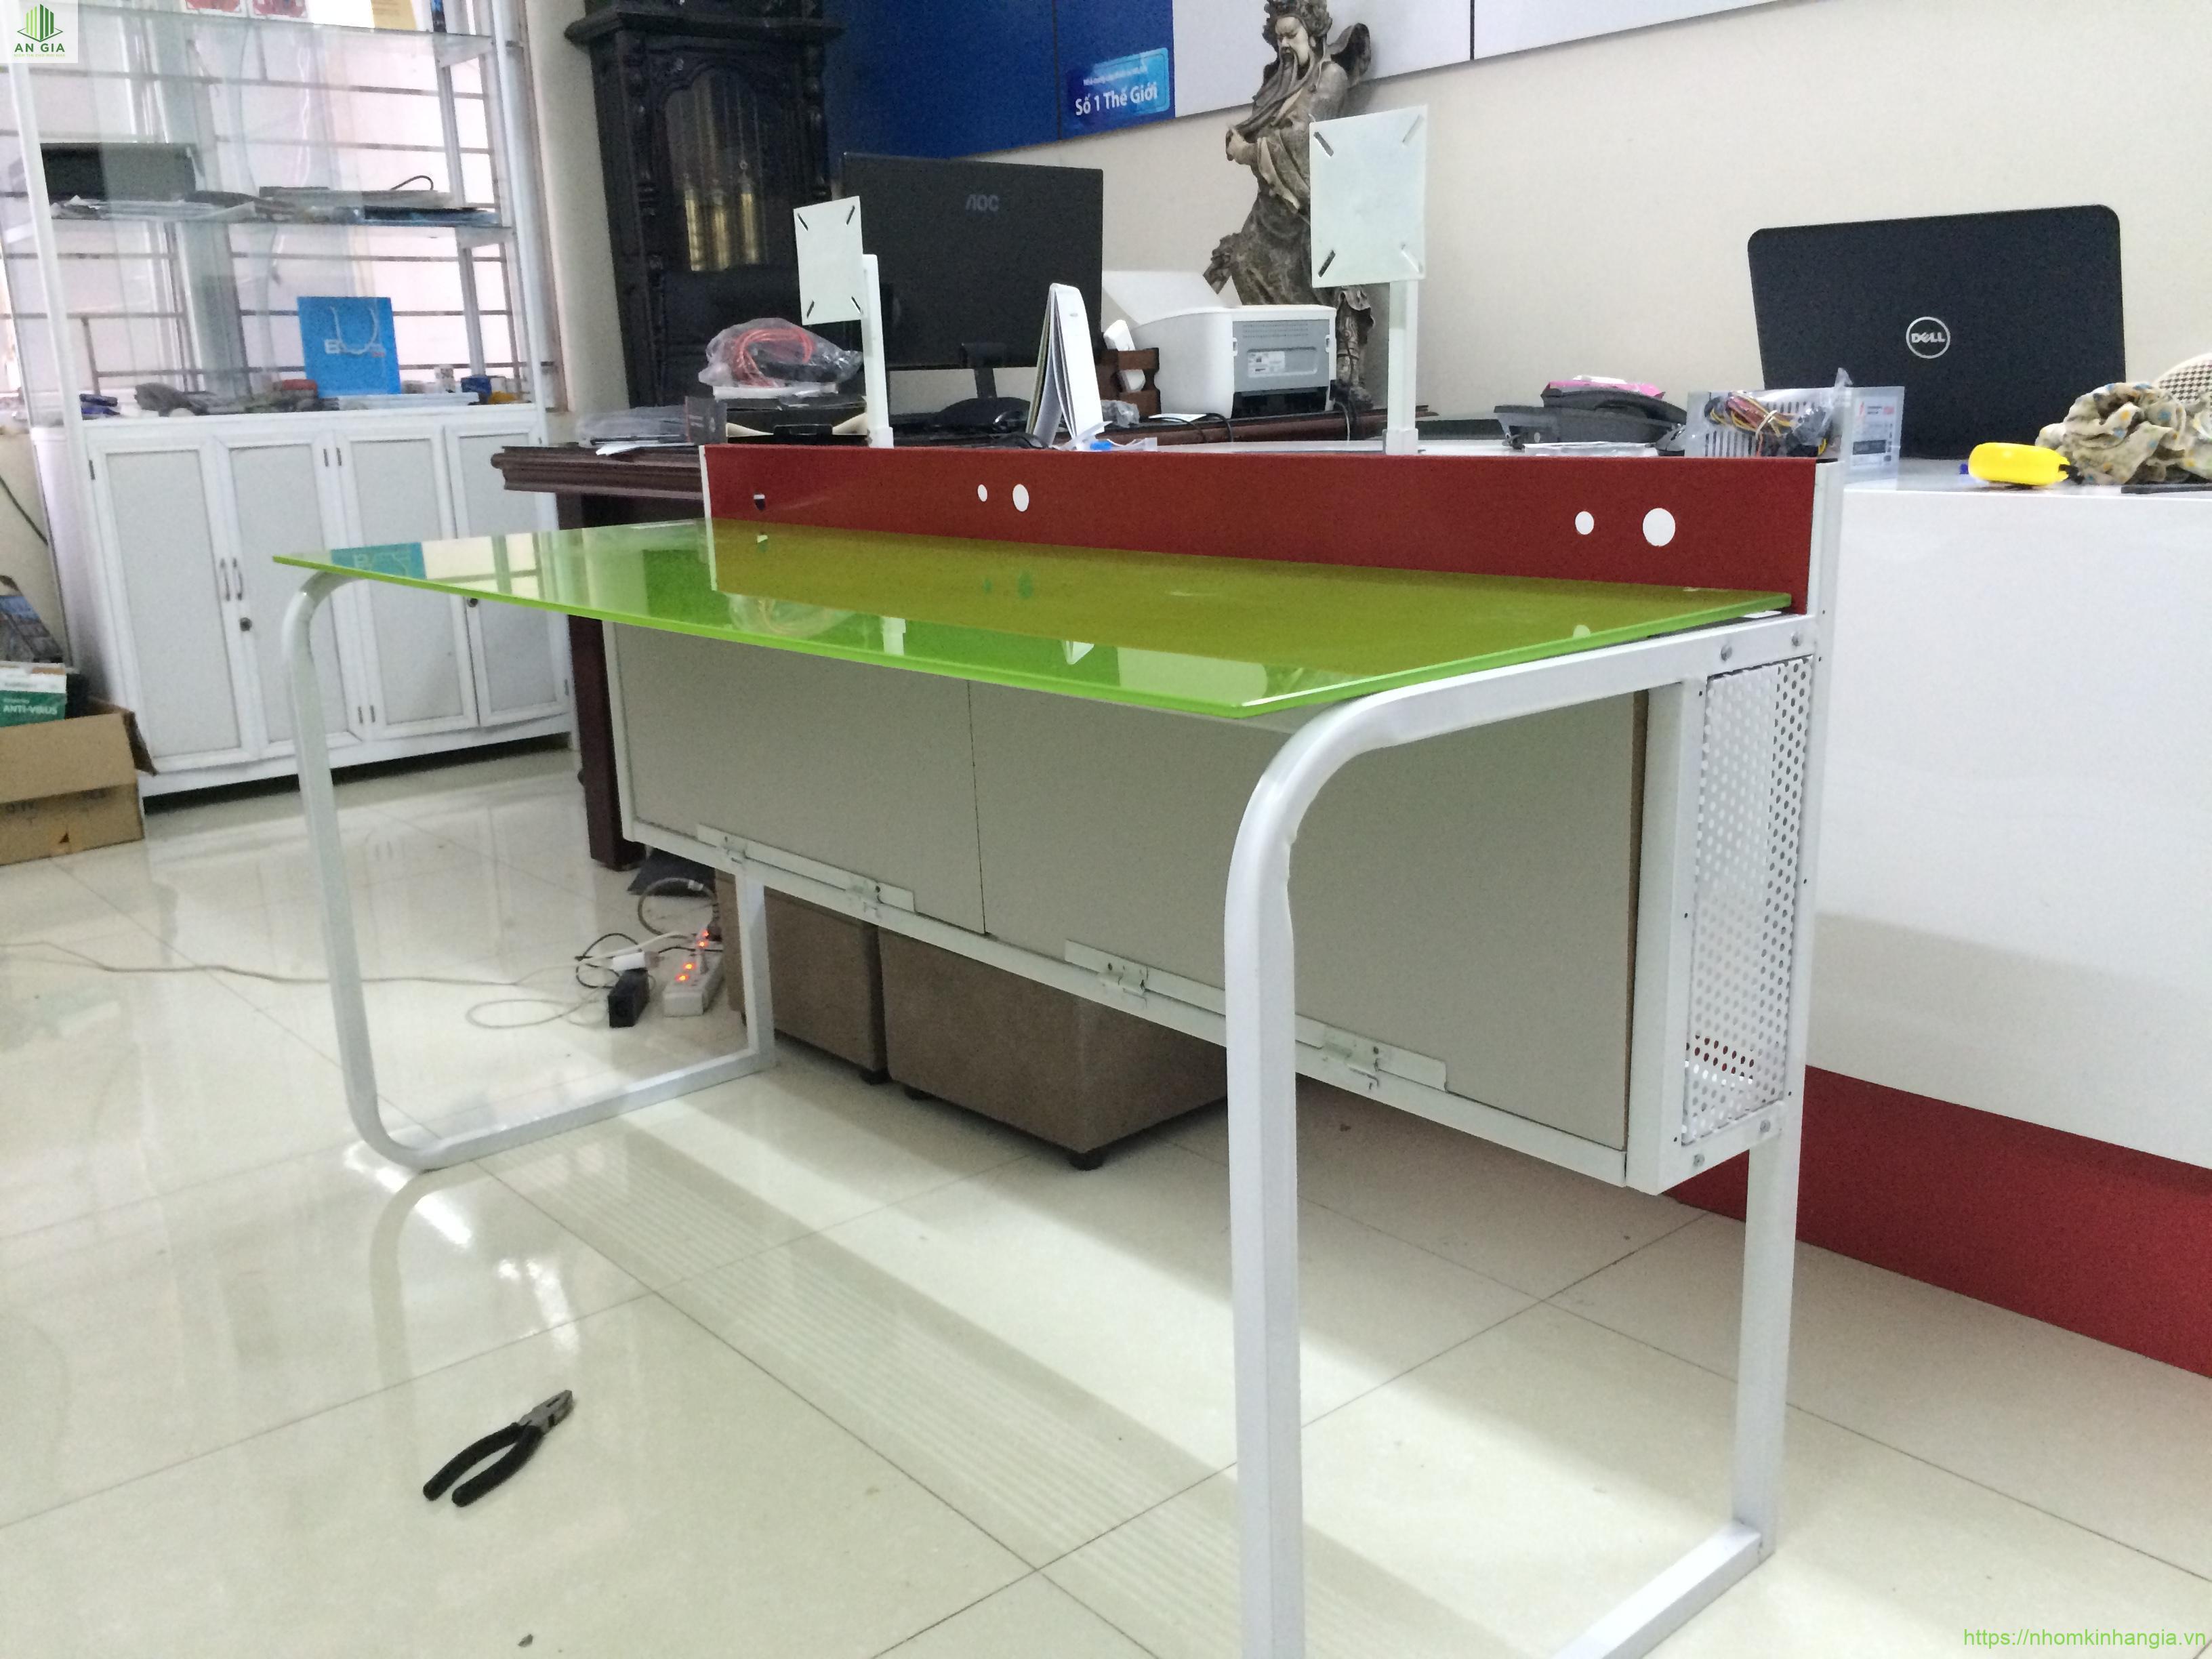 Mẫu 2: Sự phối hợp hài hòa giữu 3 gam màu chính xanh lá cây, đỏ và trắng đã tạo nên một chiếc bàn kính cường lực máy tính khá độc đáo